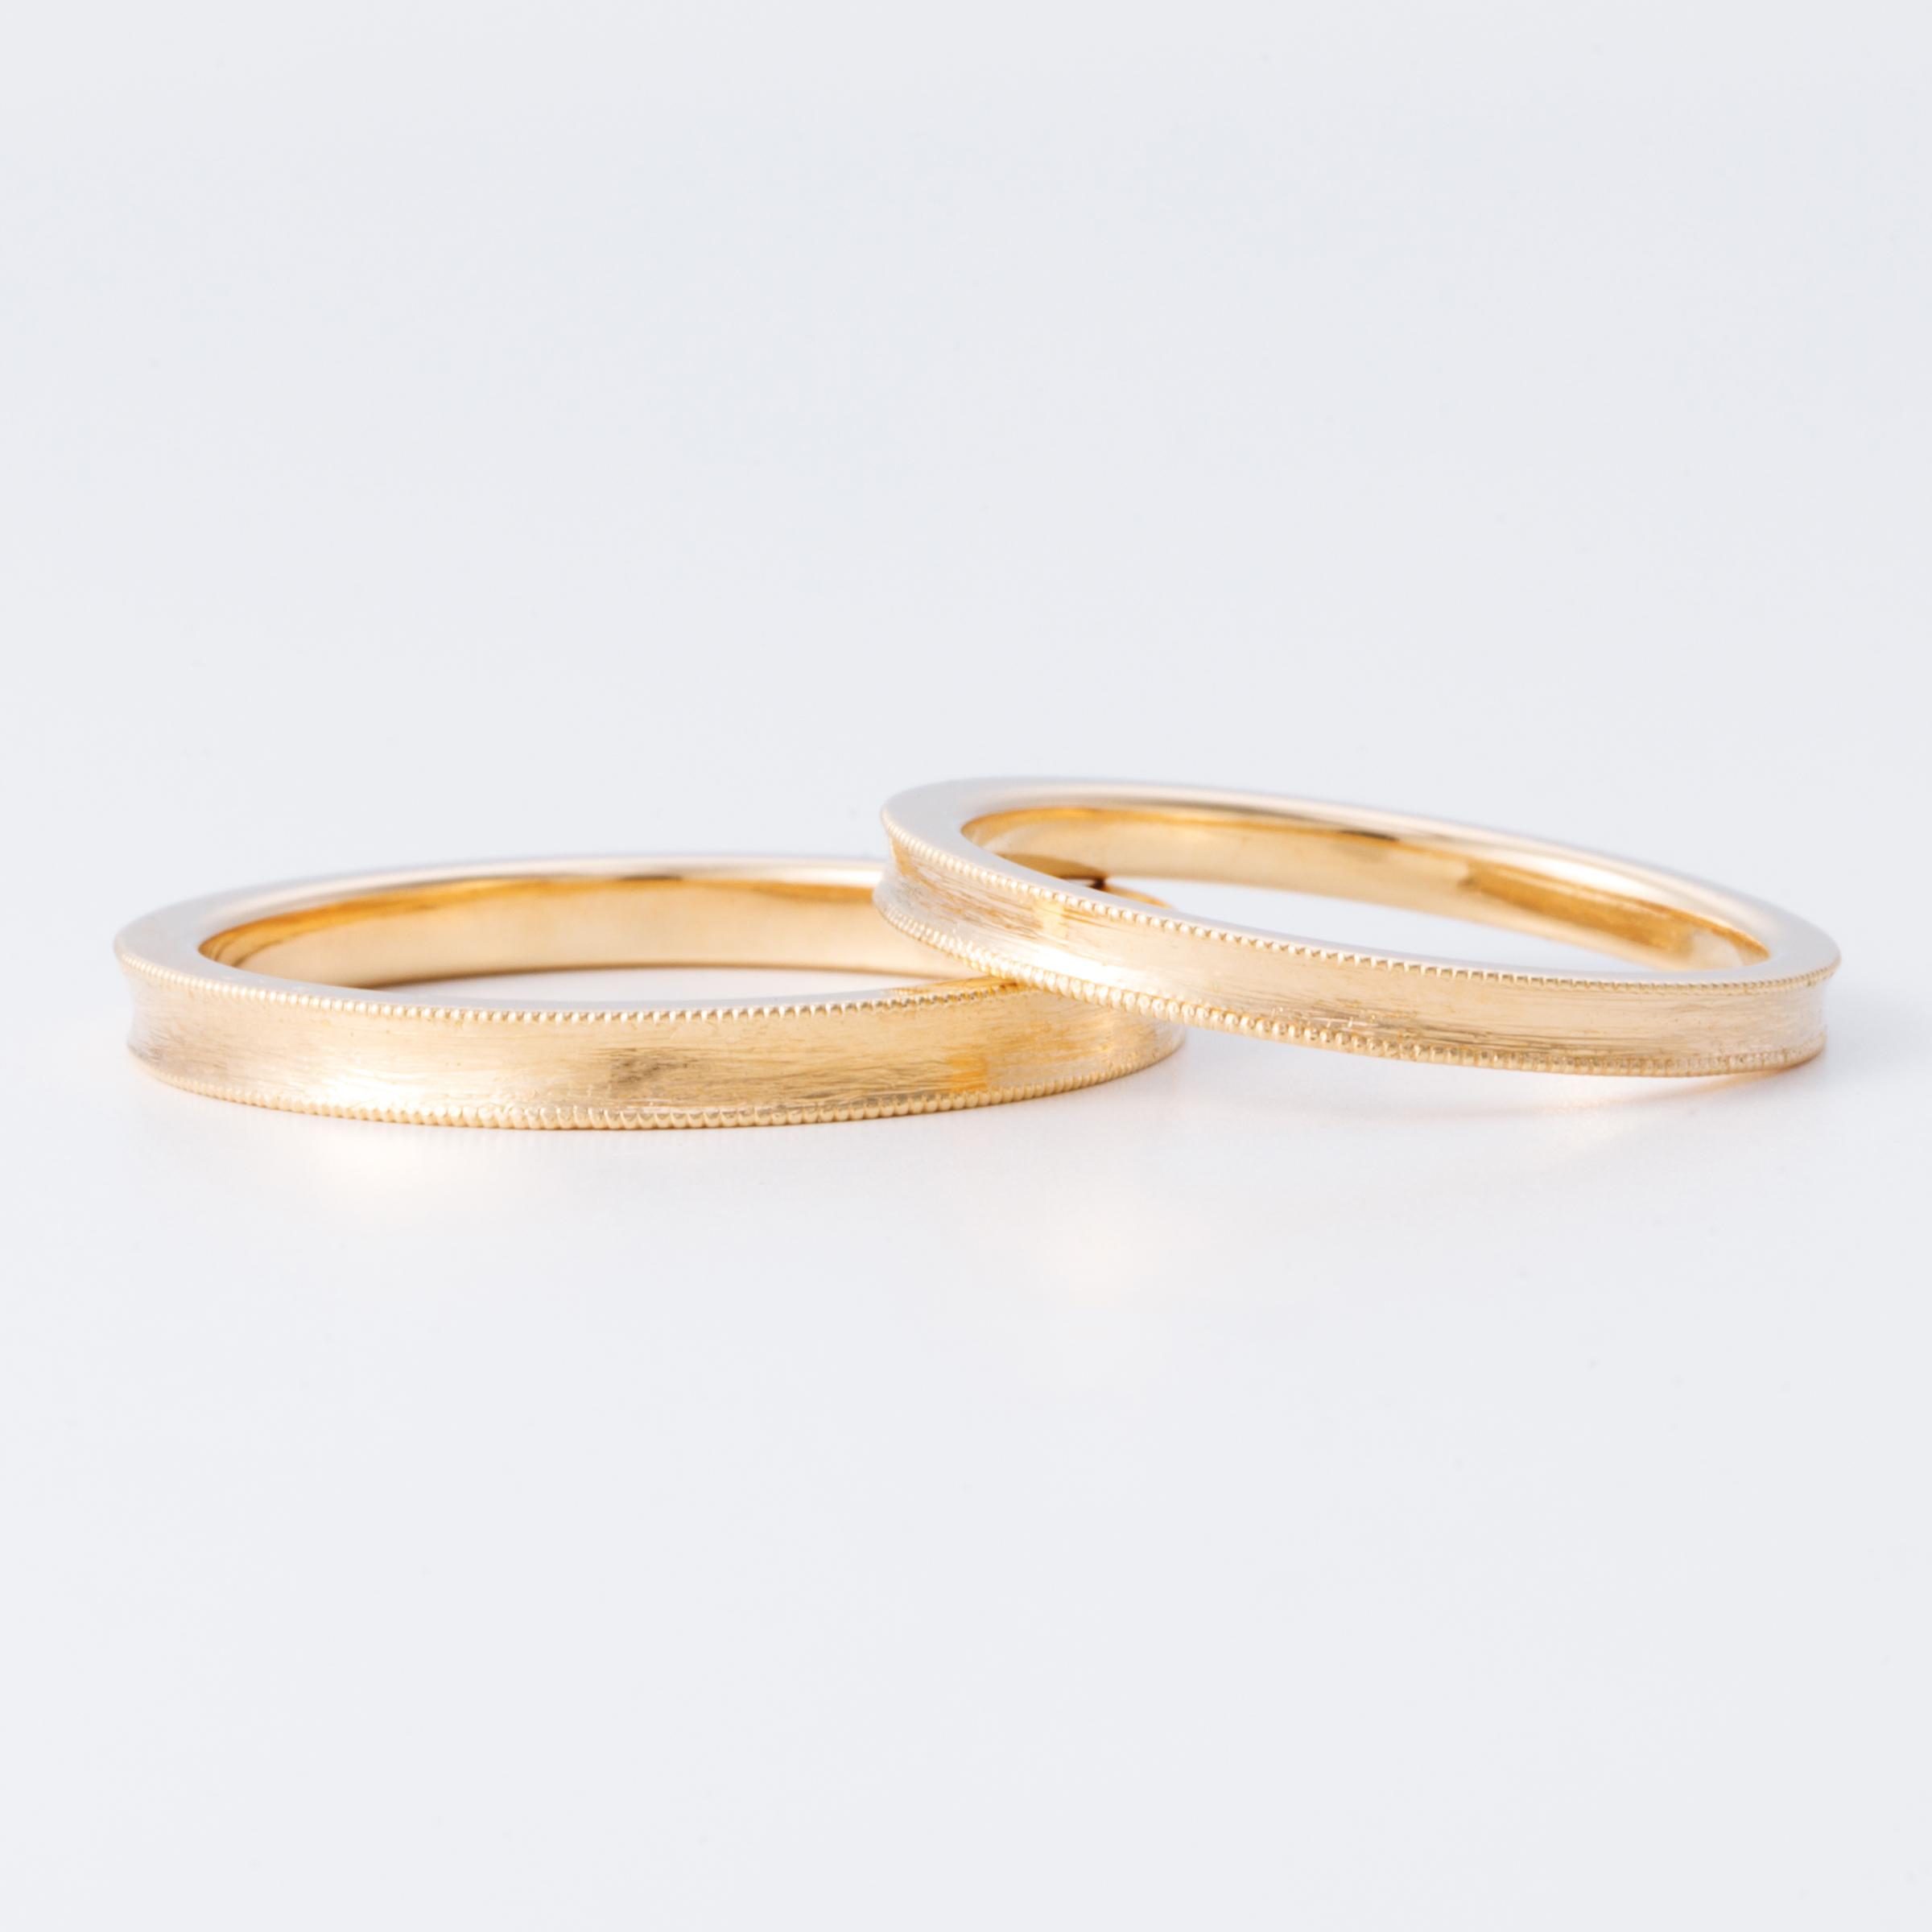 結婚指輪吉祥寺「結婚指輪について」